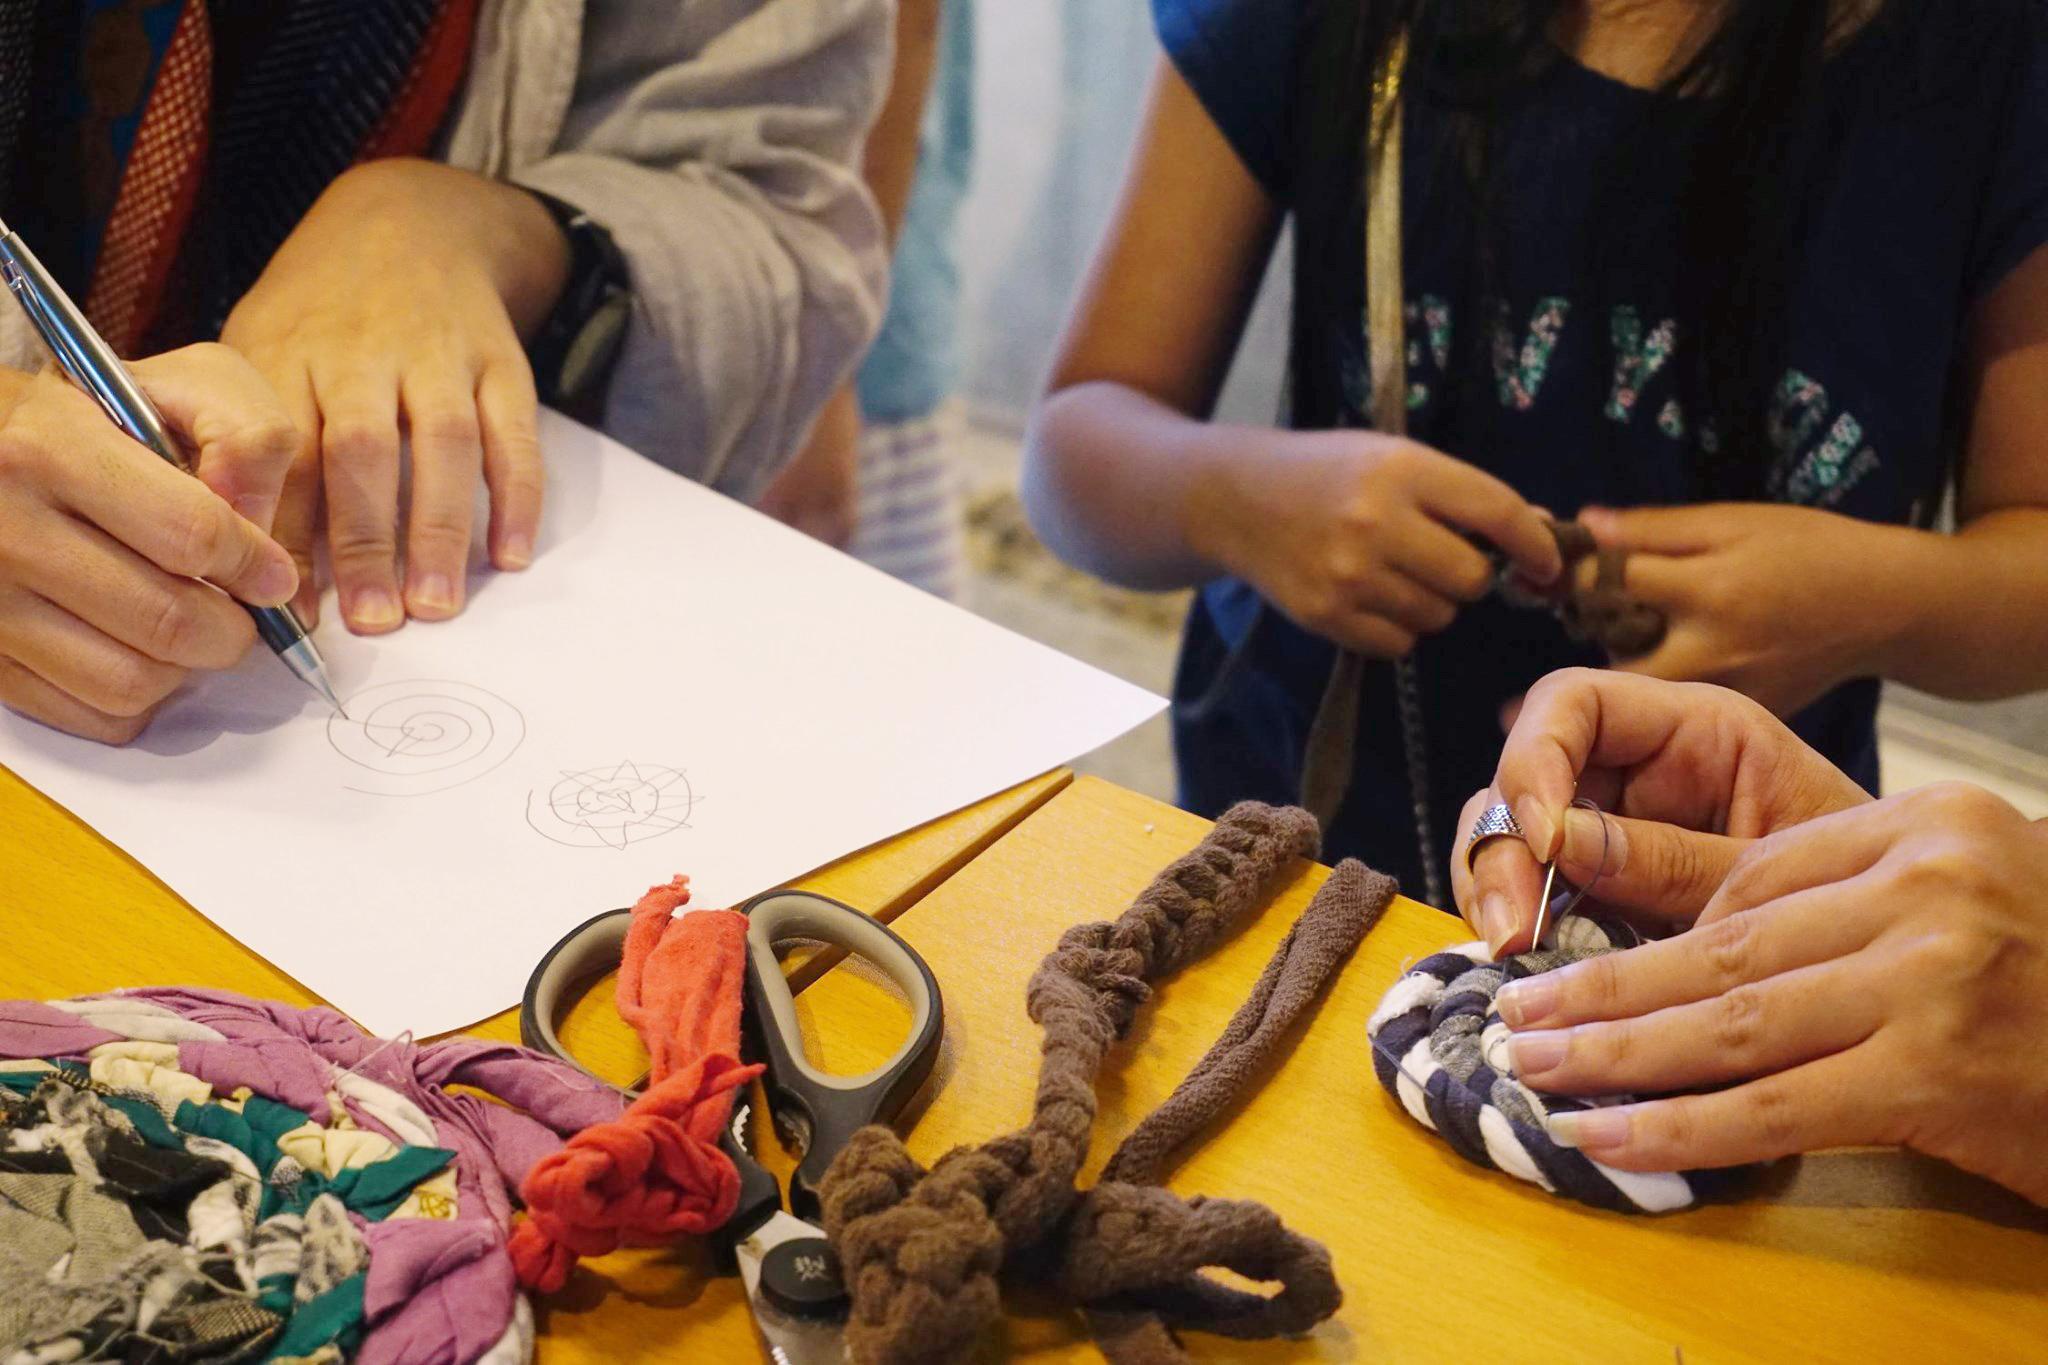 來跟孩子一起玩舊衣-新竹親子館課程預告(2020.9.11)